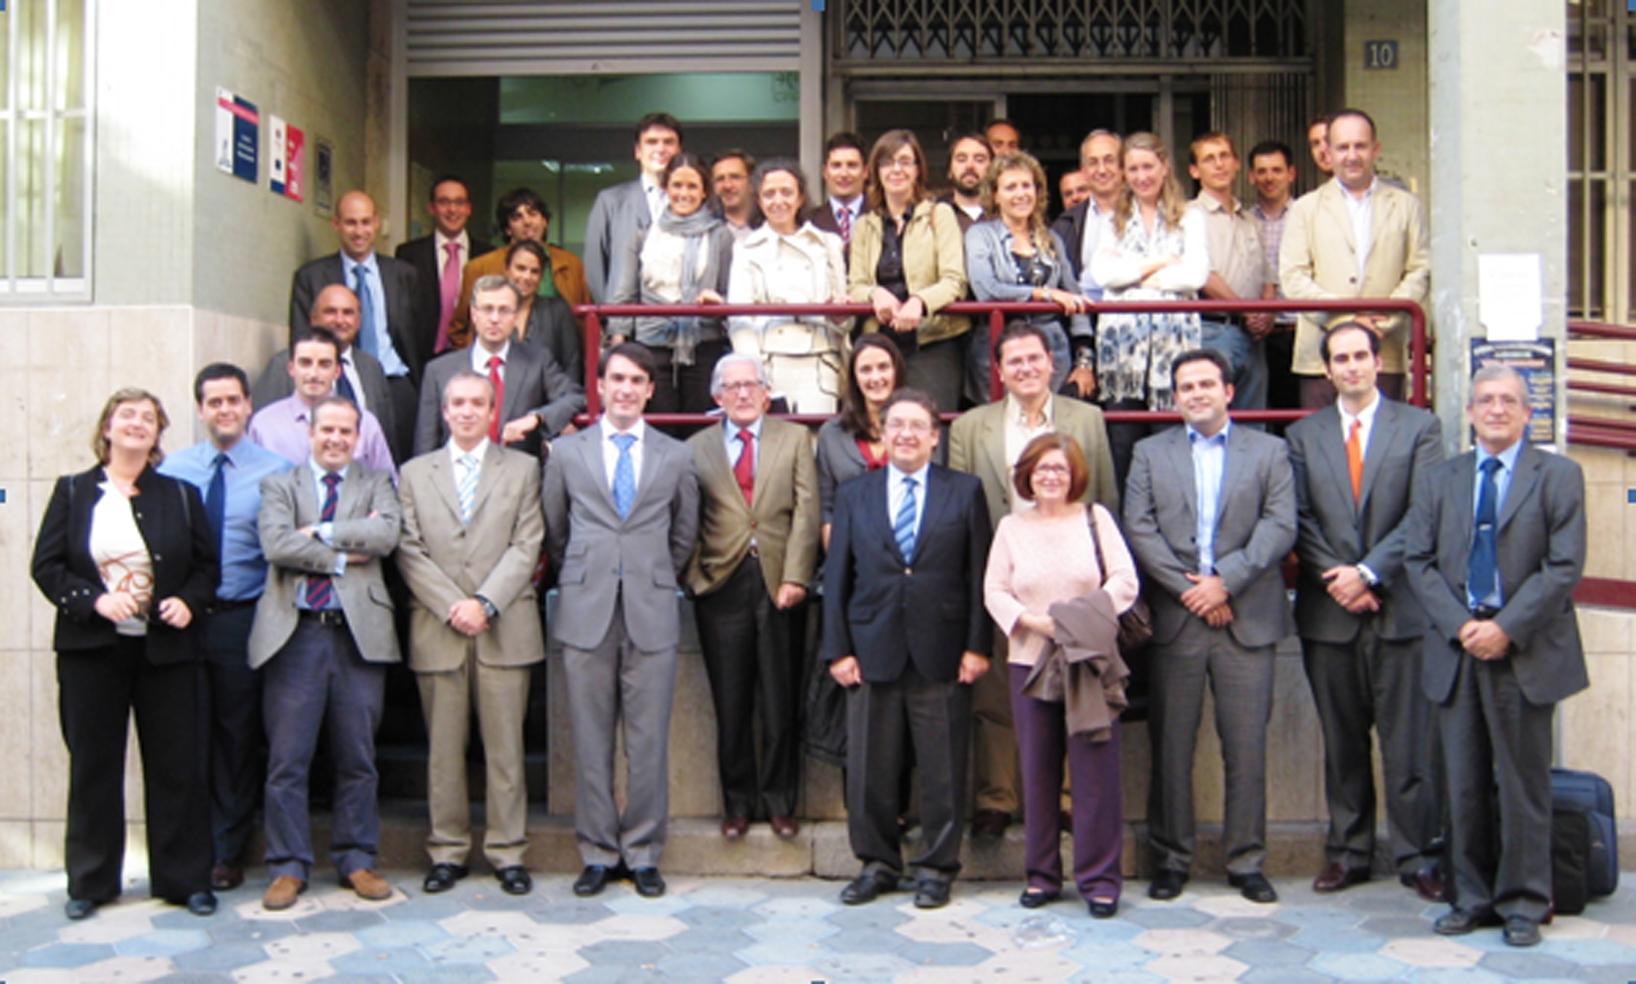 El ministerio de ciencia e innovaci n apoya al sector de for Ministerio de innovacion